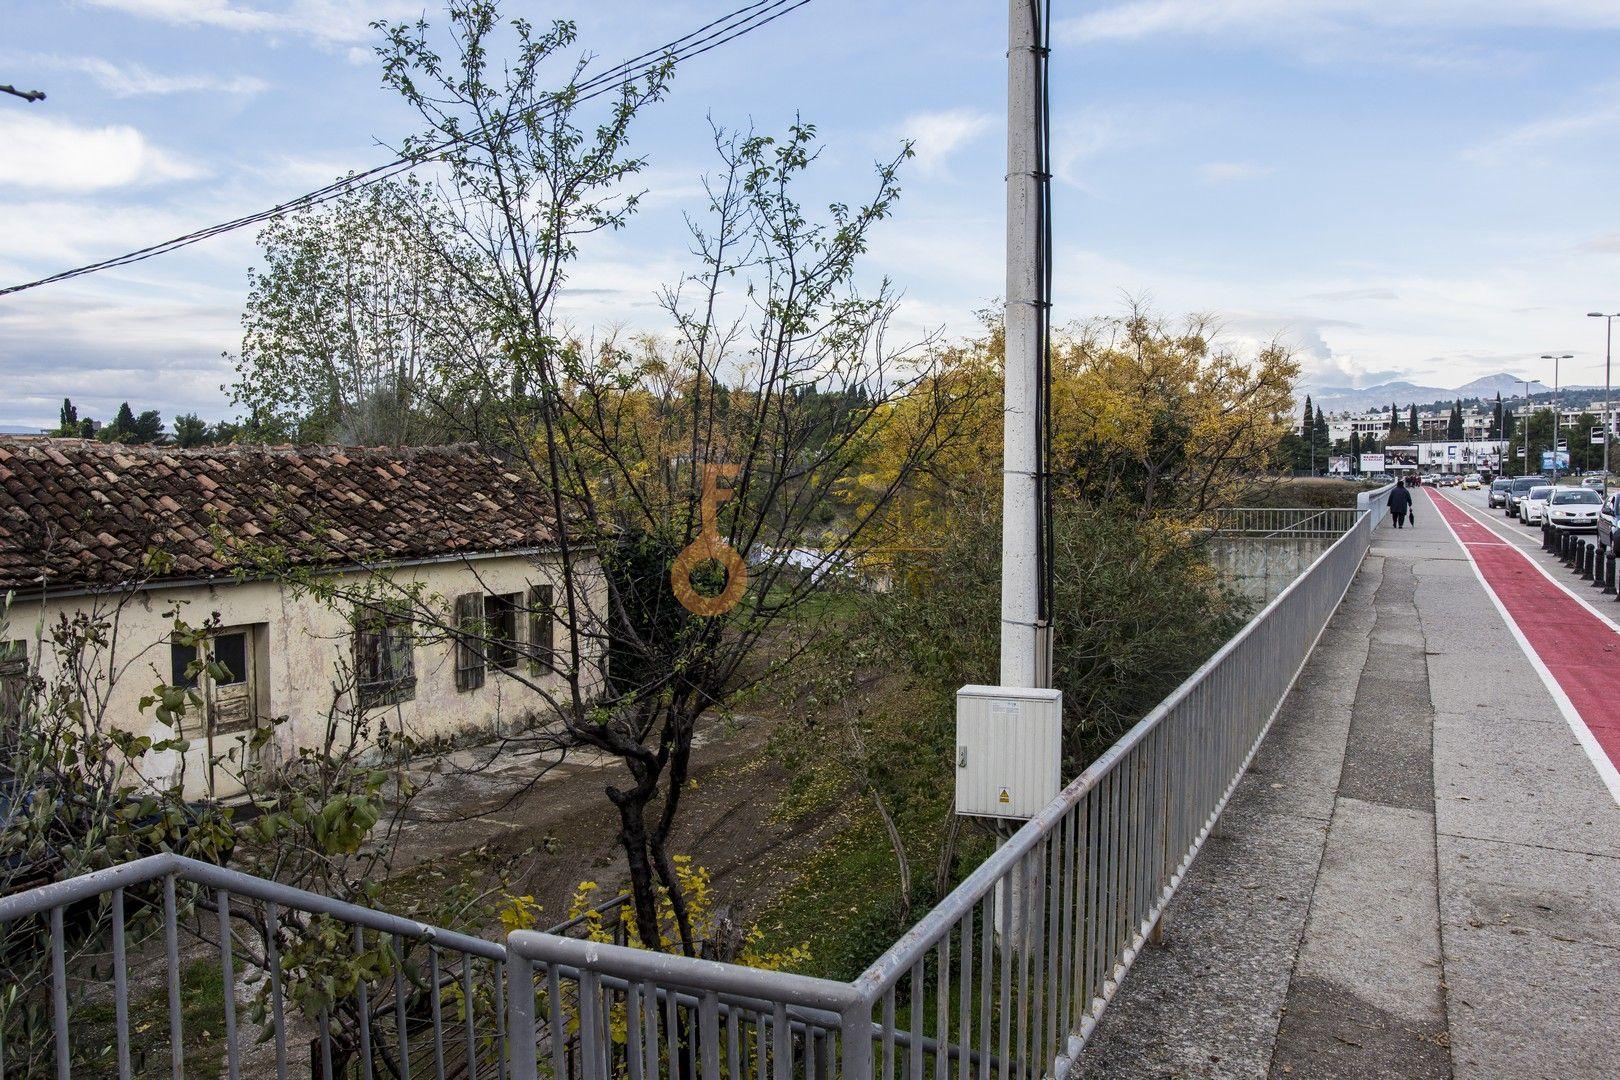 Kuća, 86 m2 na placu od 815 m2, Obala Morače, Prodaja - 5